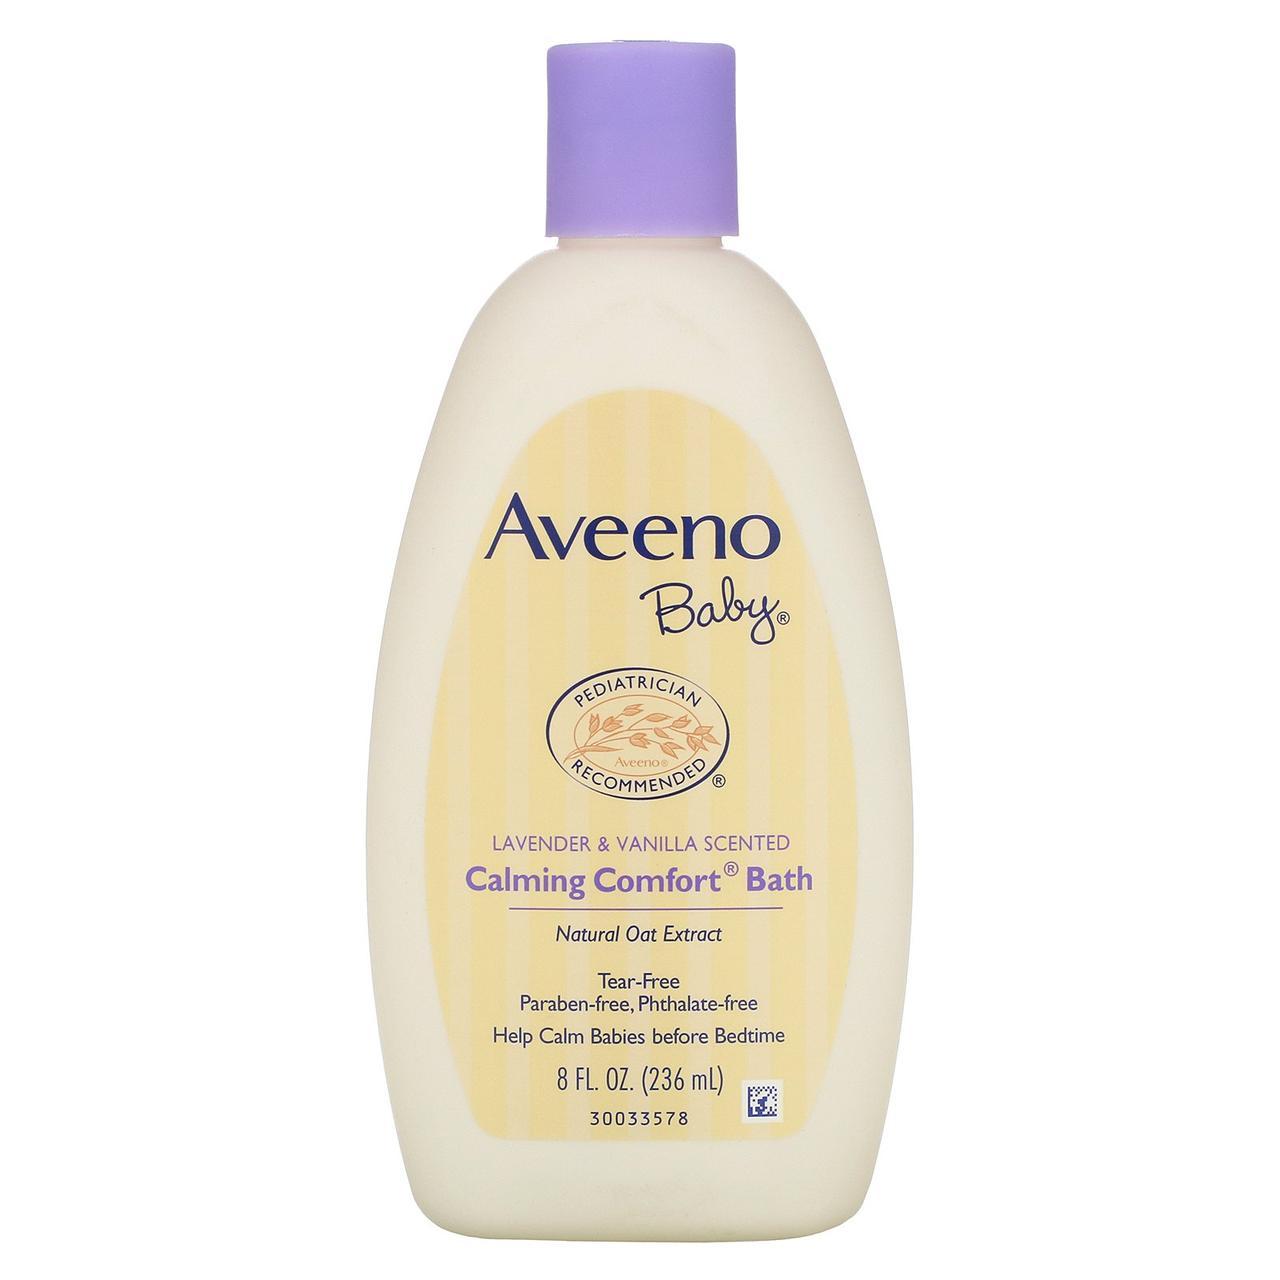 Средство для ванны с лавандой и ванилью, Aveeno,236 мл